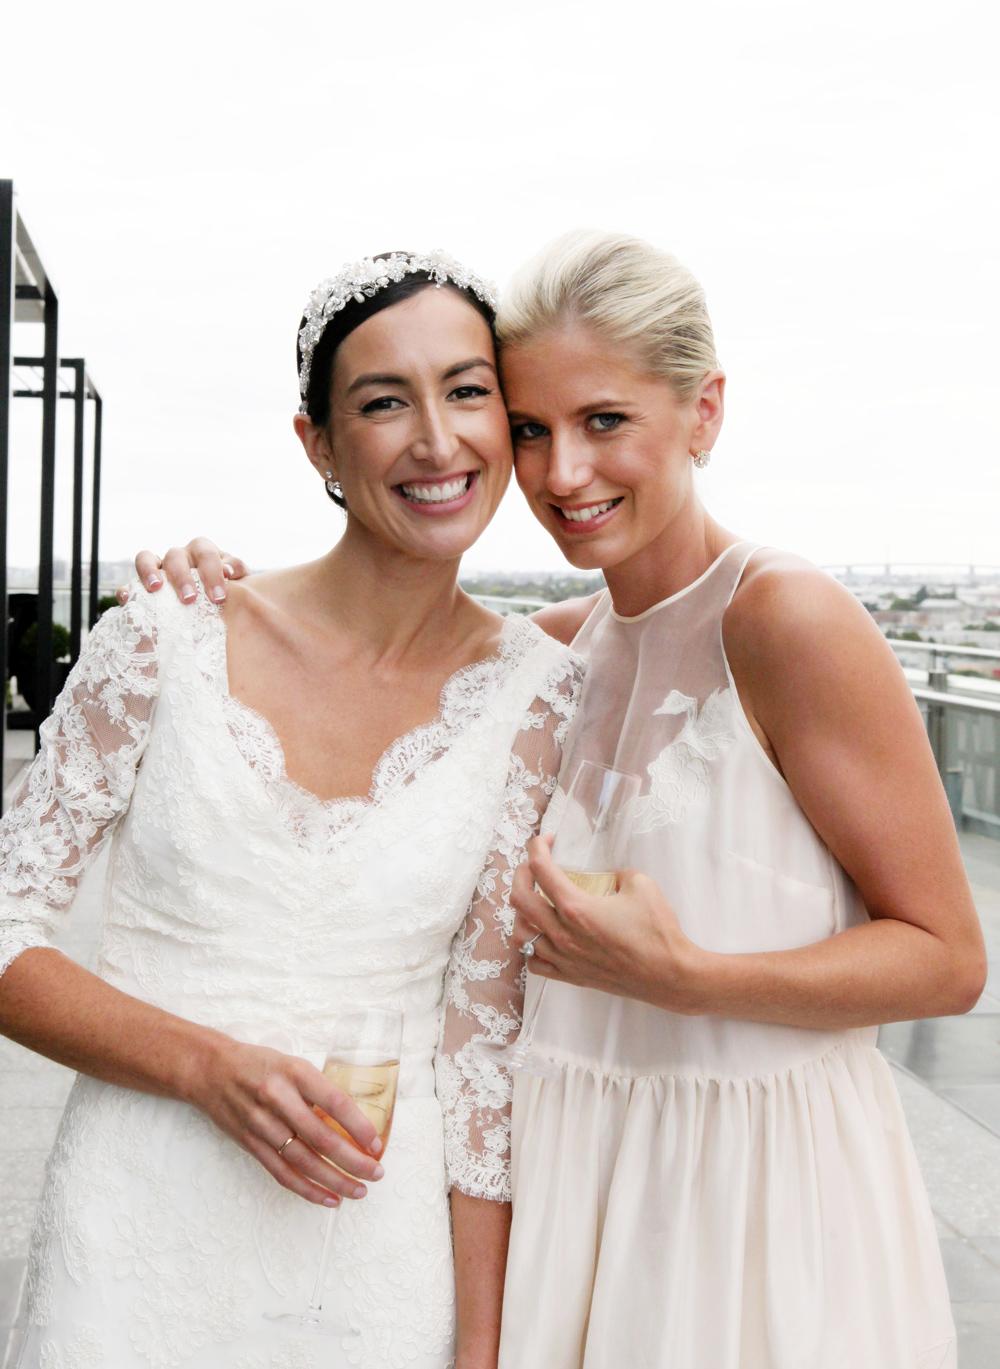 zoe-fink-real-bride-make-up